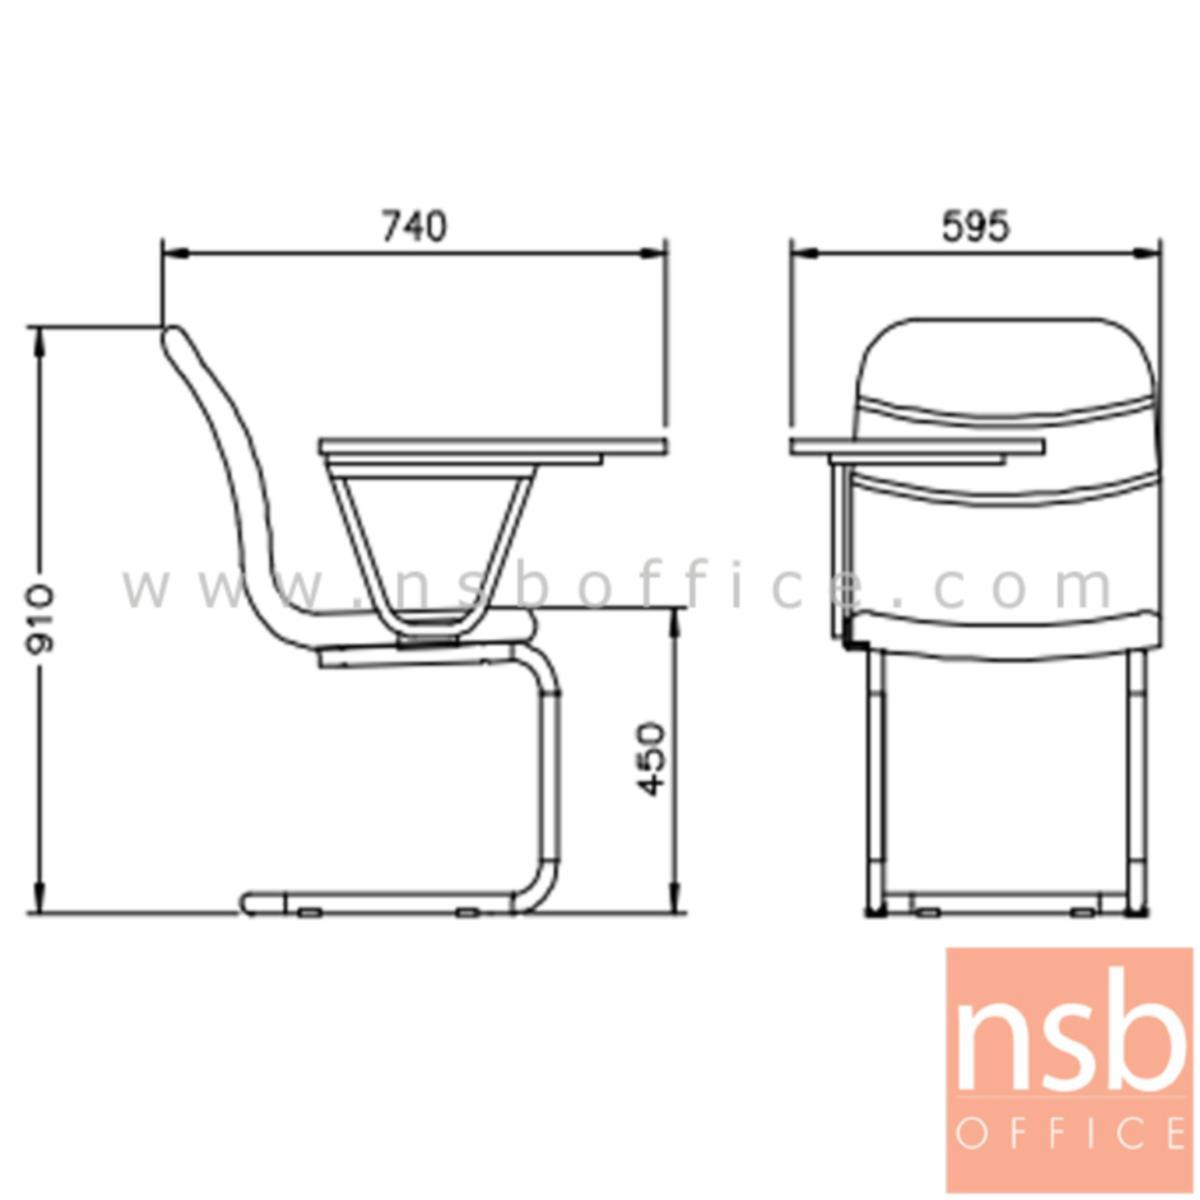 เก้าอี้เลคเชอร์หุ้มหนังเทียม (PVC)หรือหุ้มผ้า รุ่น TY-AC232LE ขาตัวซีเหล็กชุบโครเมี่ยม